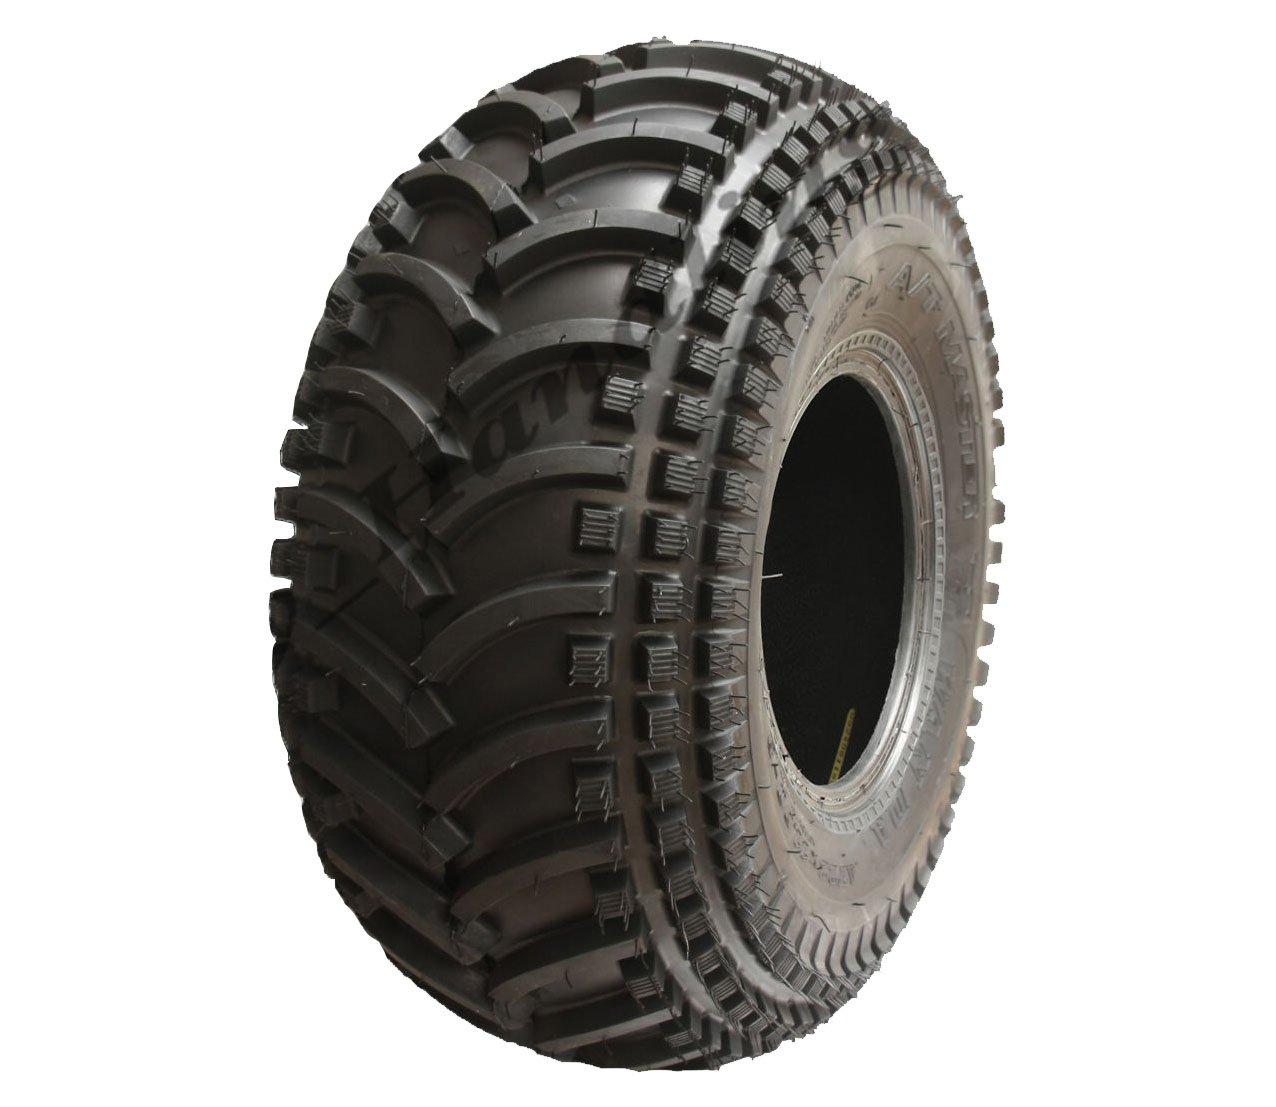 22 11 8 ATV Reifen Wanda P308 E markiert 22x11.00-8 quad Reifen